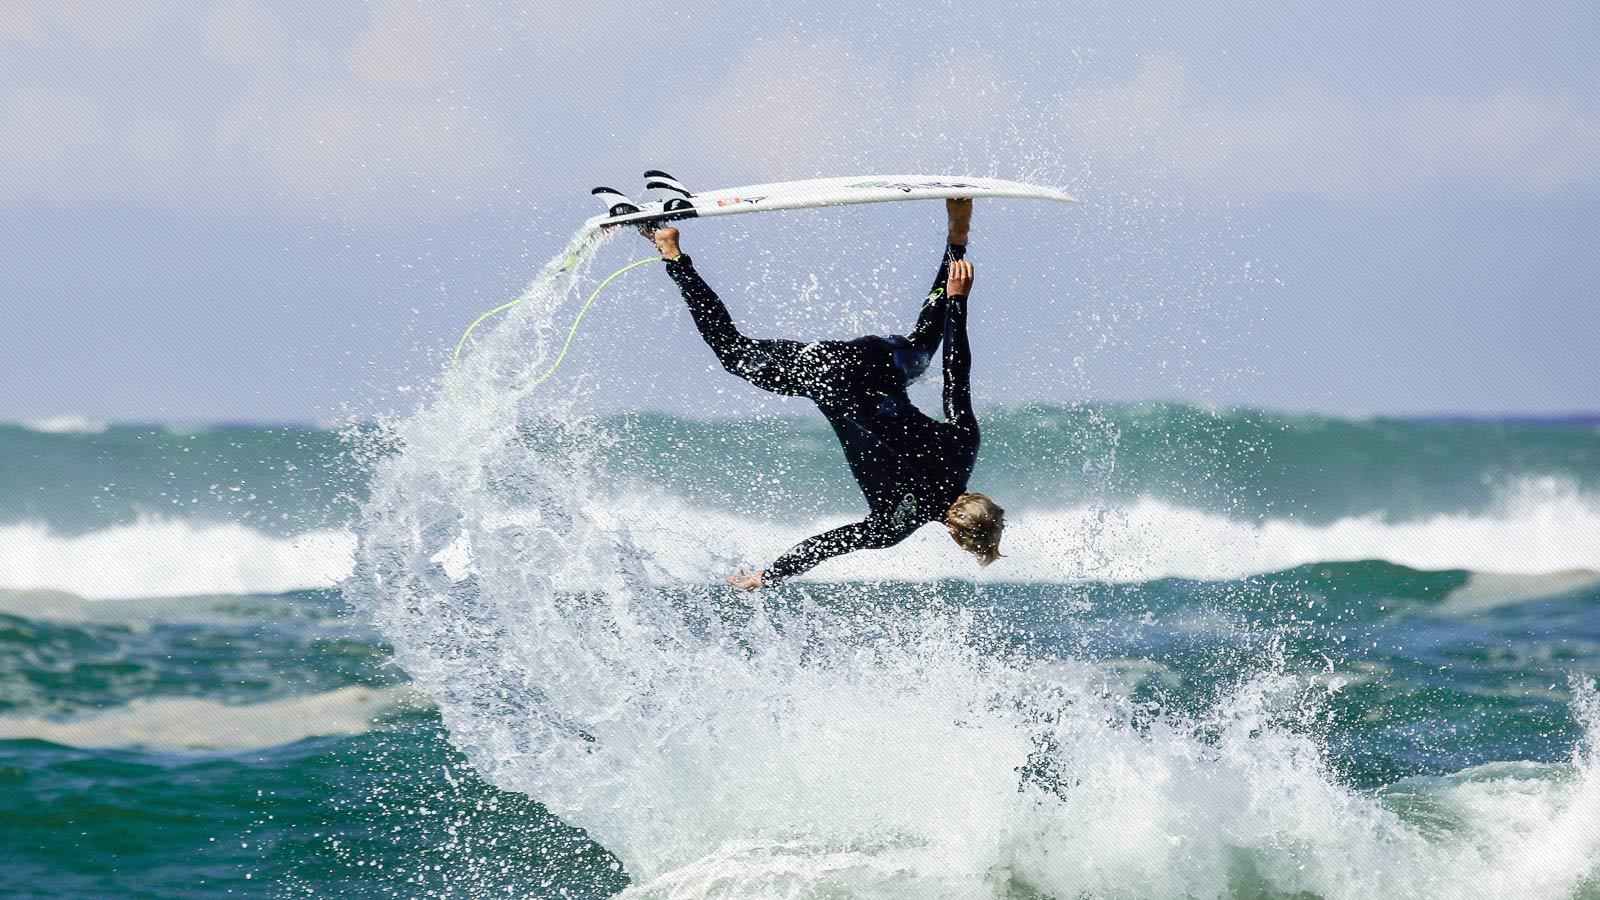 surfista profesional John John Florence volando y en posicion totalmente del revés por encima de una ola